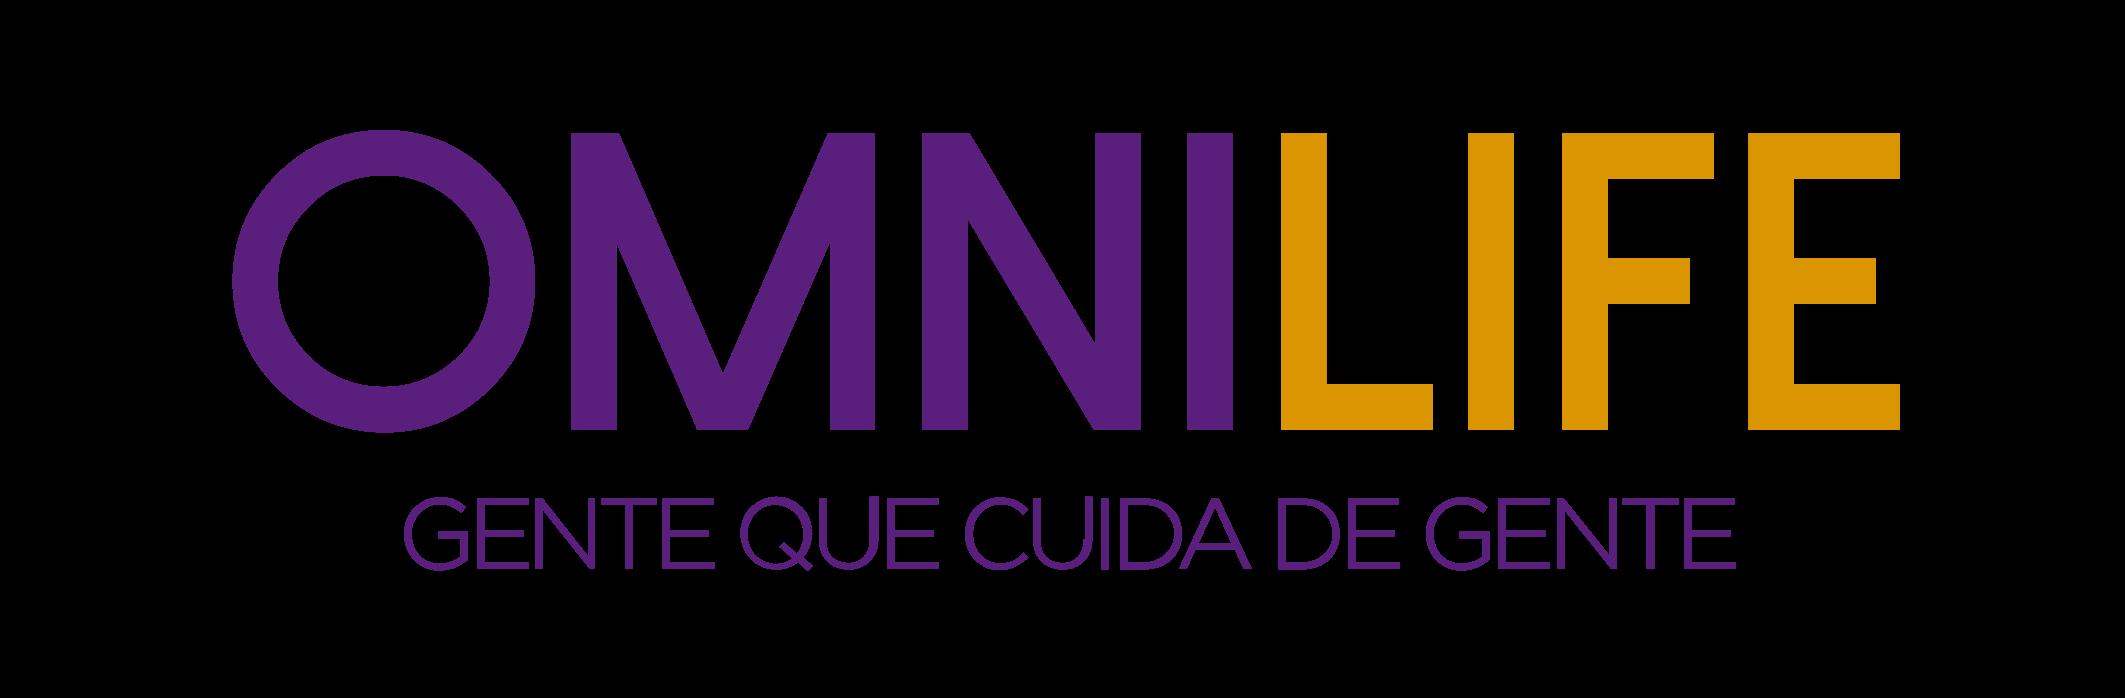 Produtos Omnilife CristianeVaz Instituto Beleza e Bem Estar